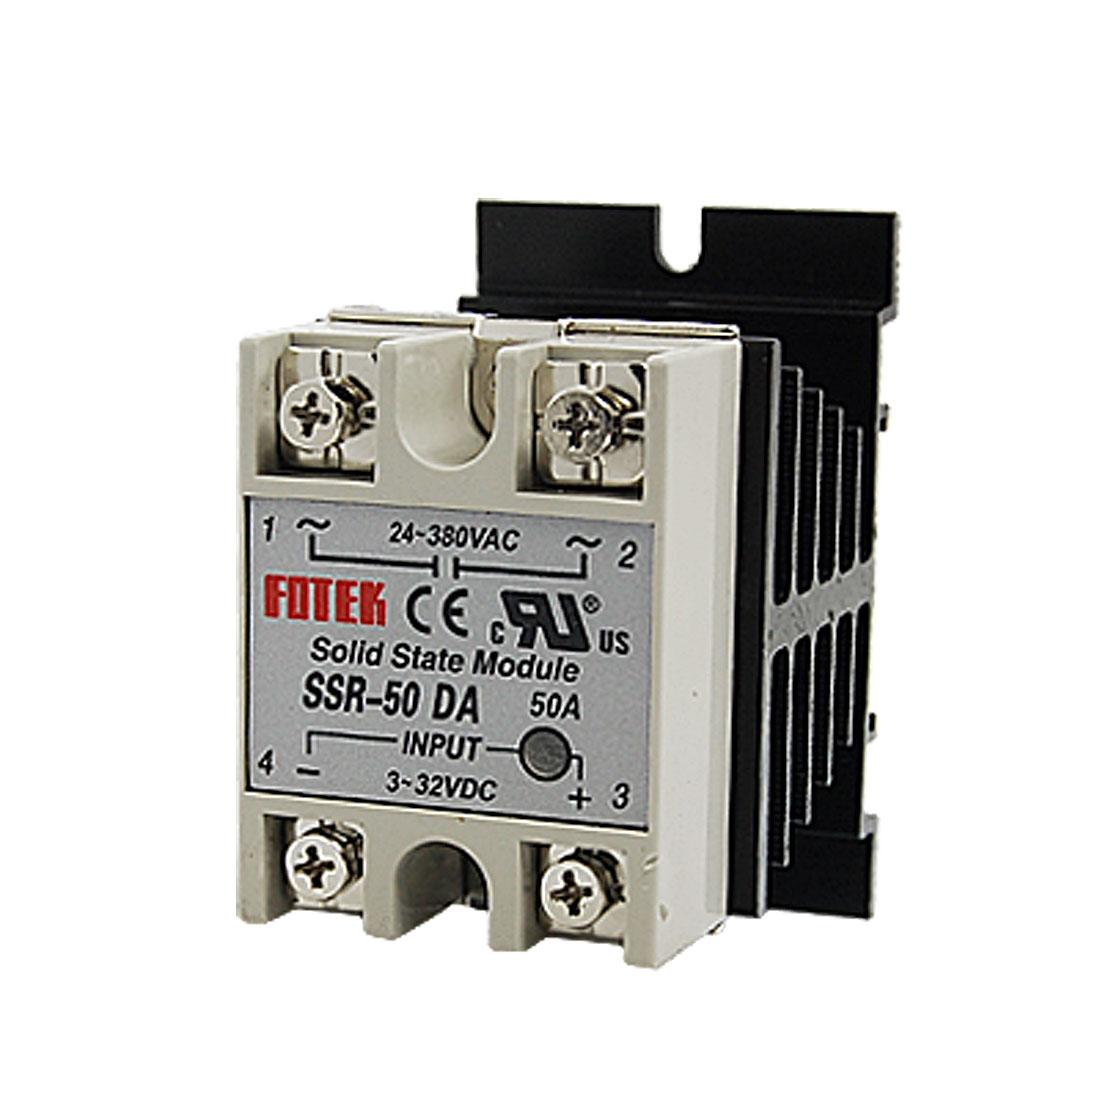 SSR-50DA 50A Solid State Relay Module 3-32V DC / 24-380V AC + Heat Sink